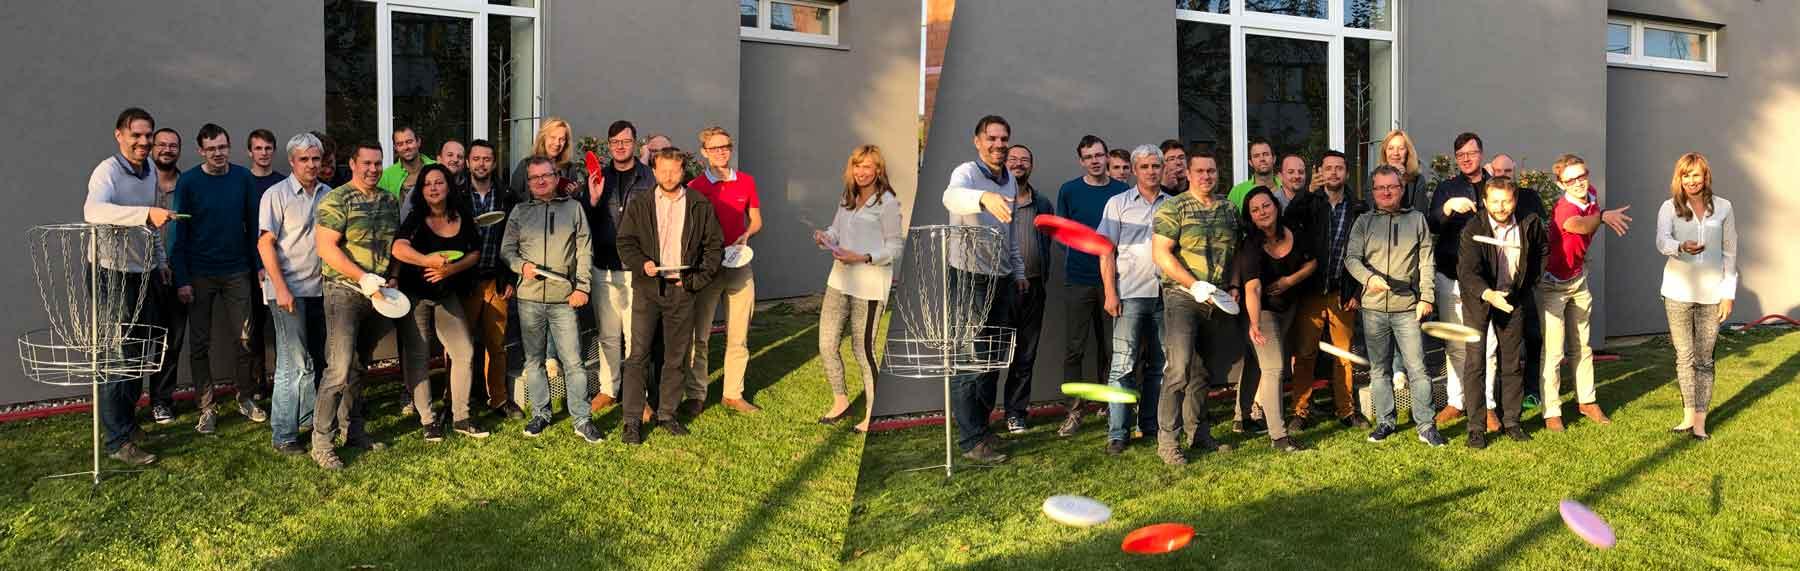 Celý tým K-net hrající disk golf